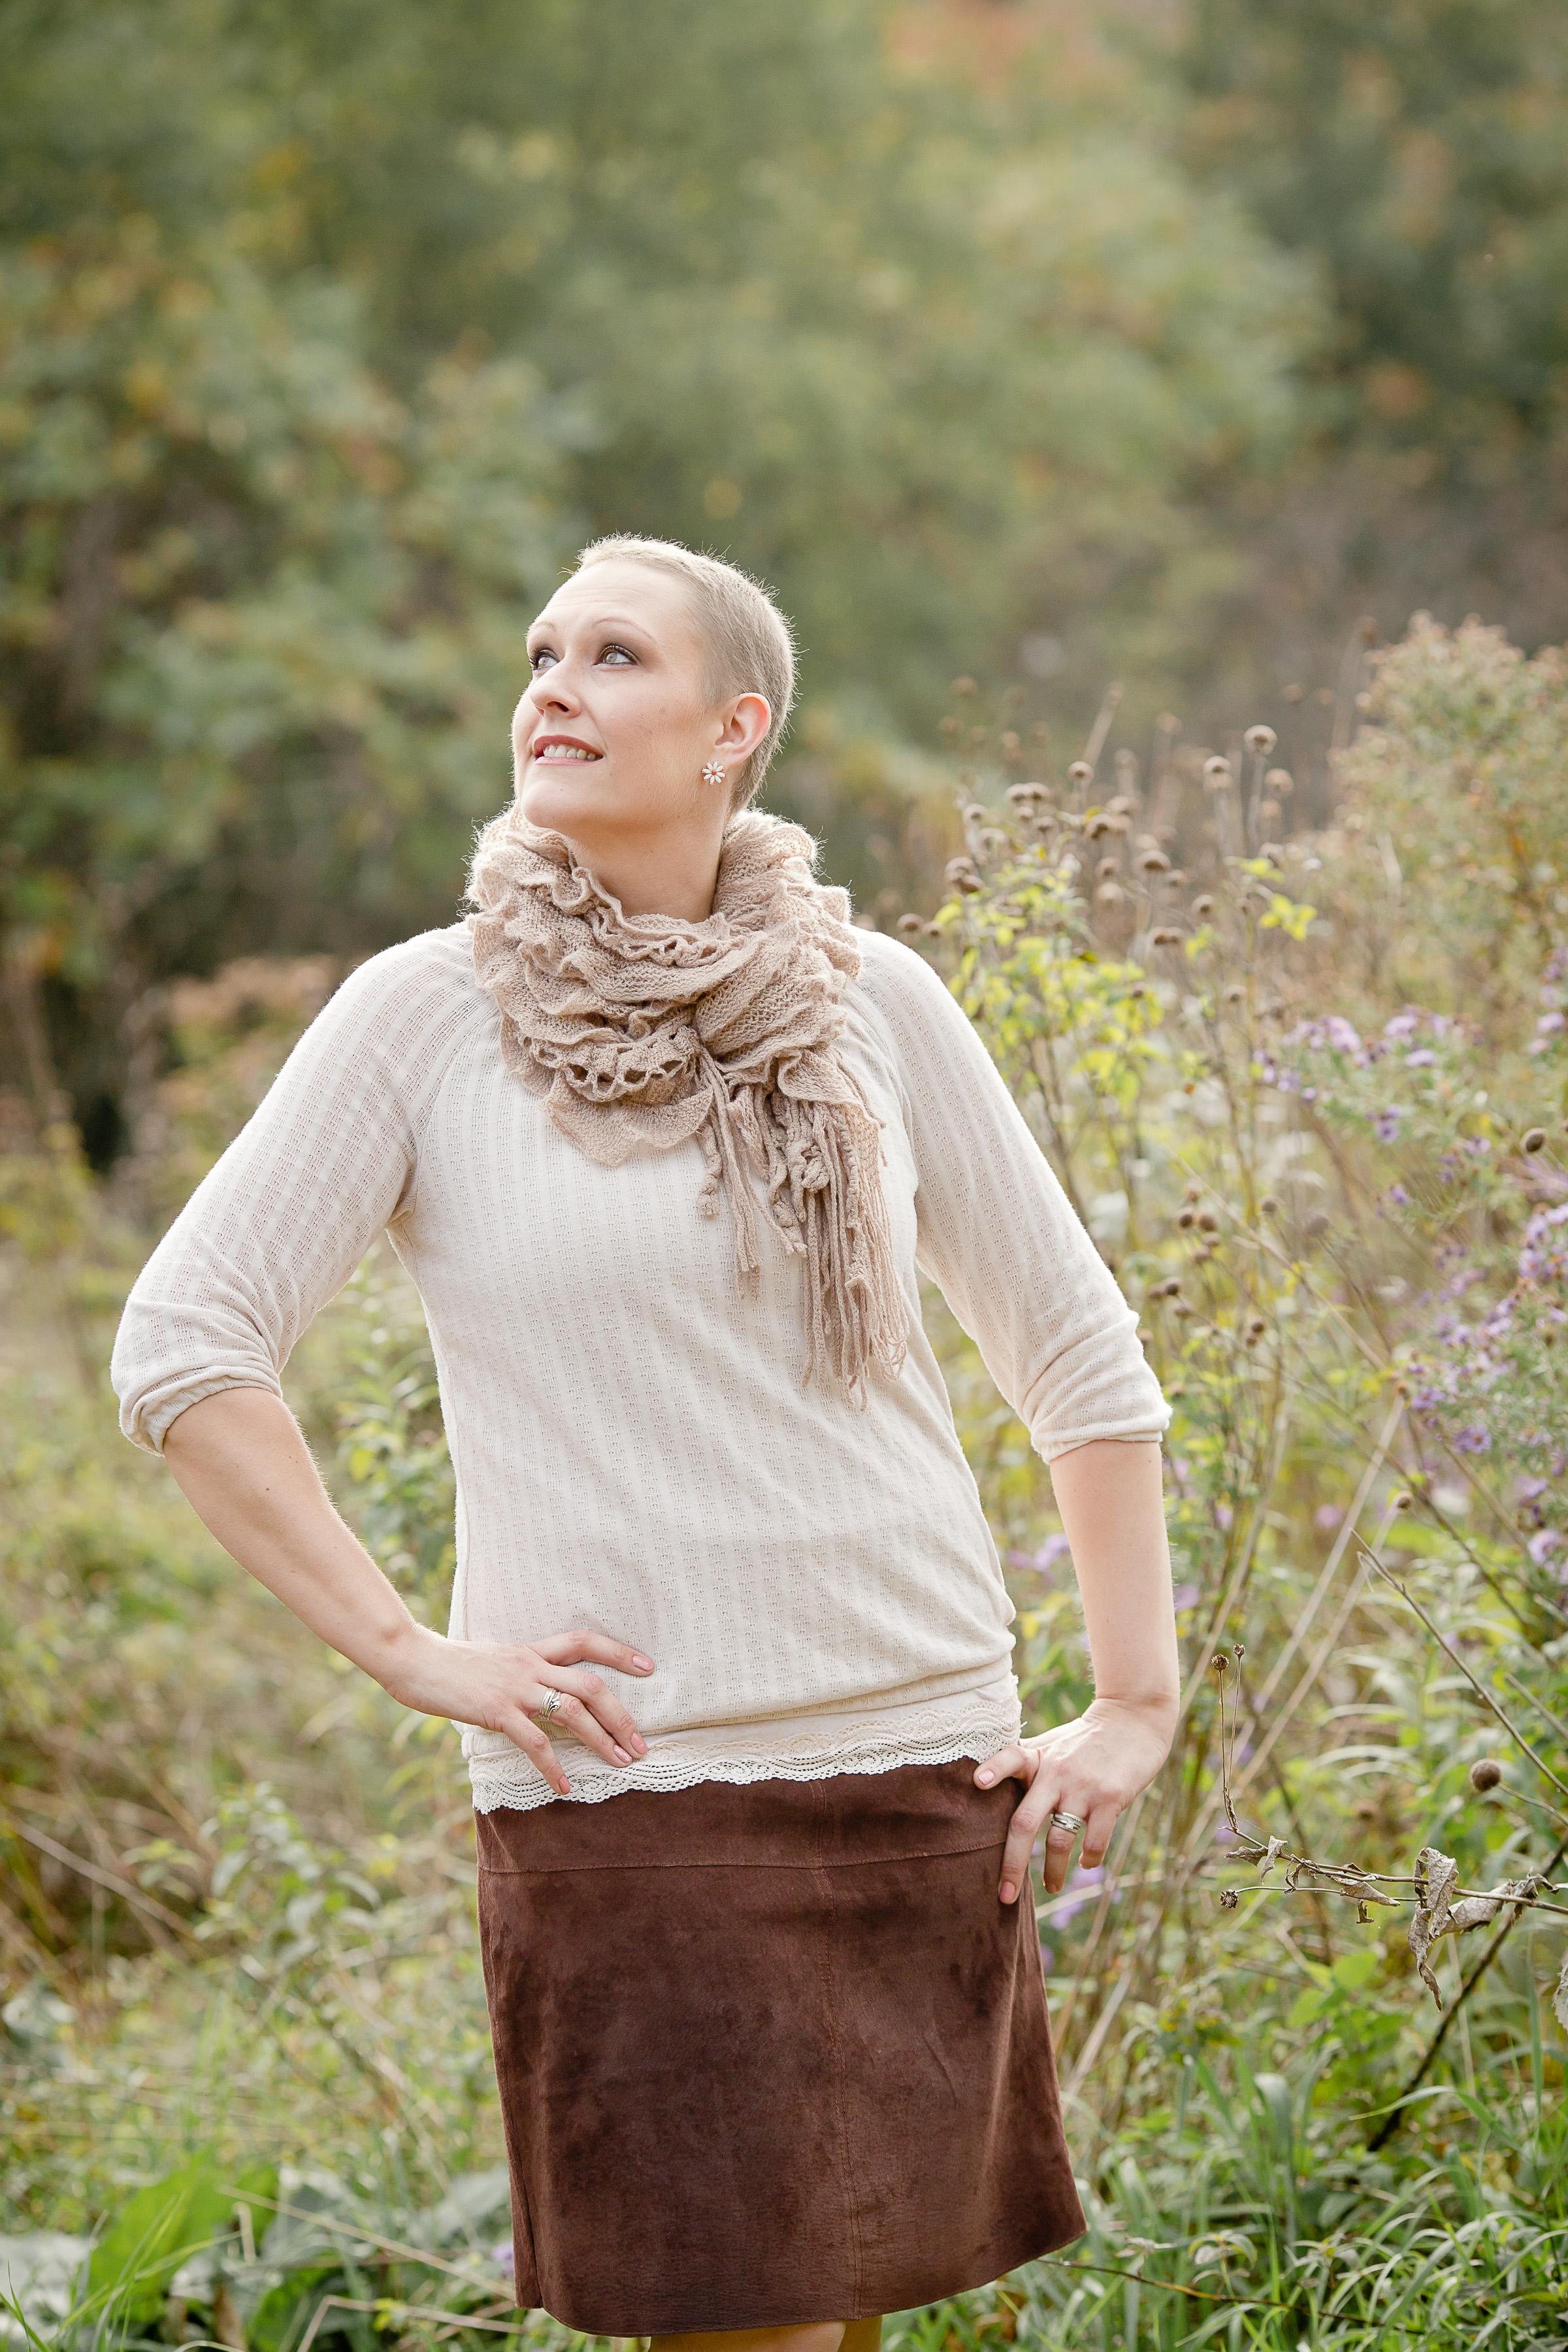 clickforhope_breastcancershoot-16.jpg